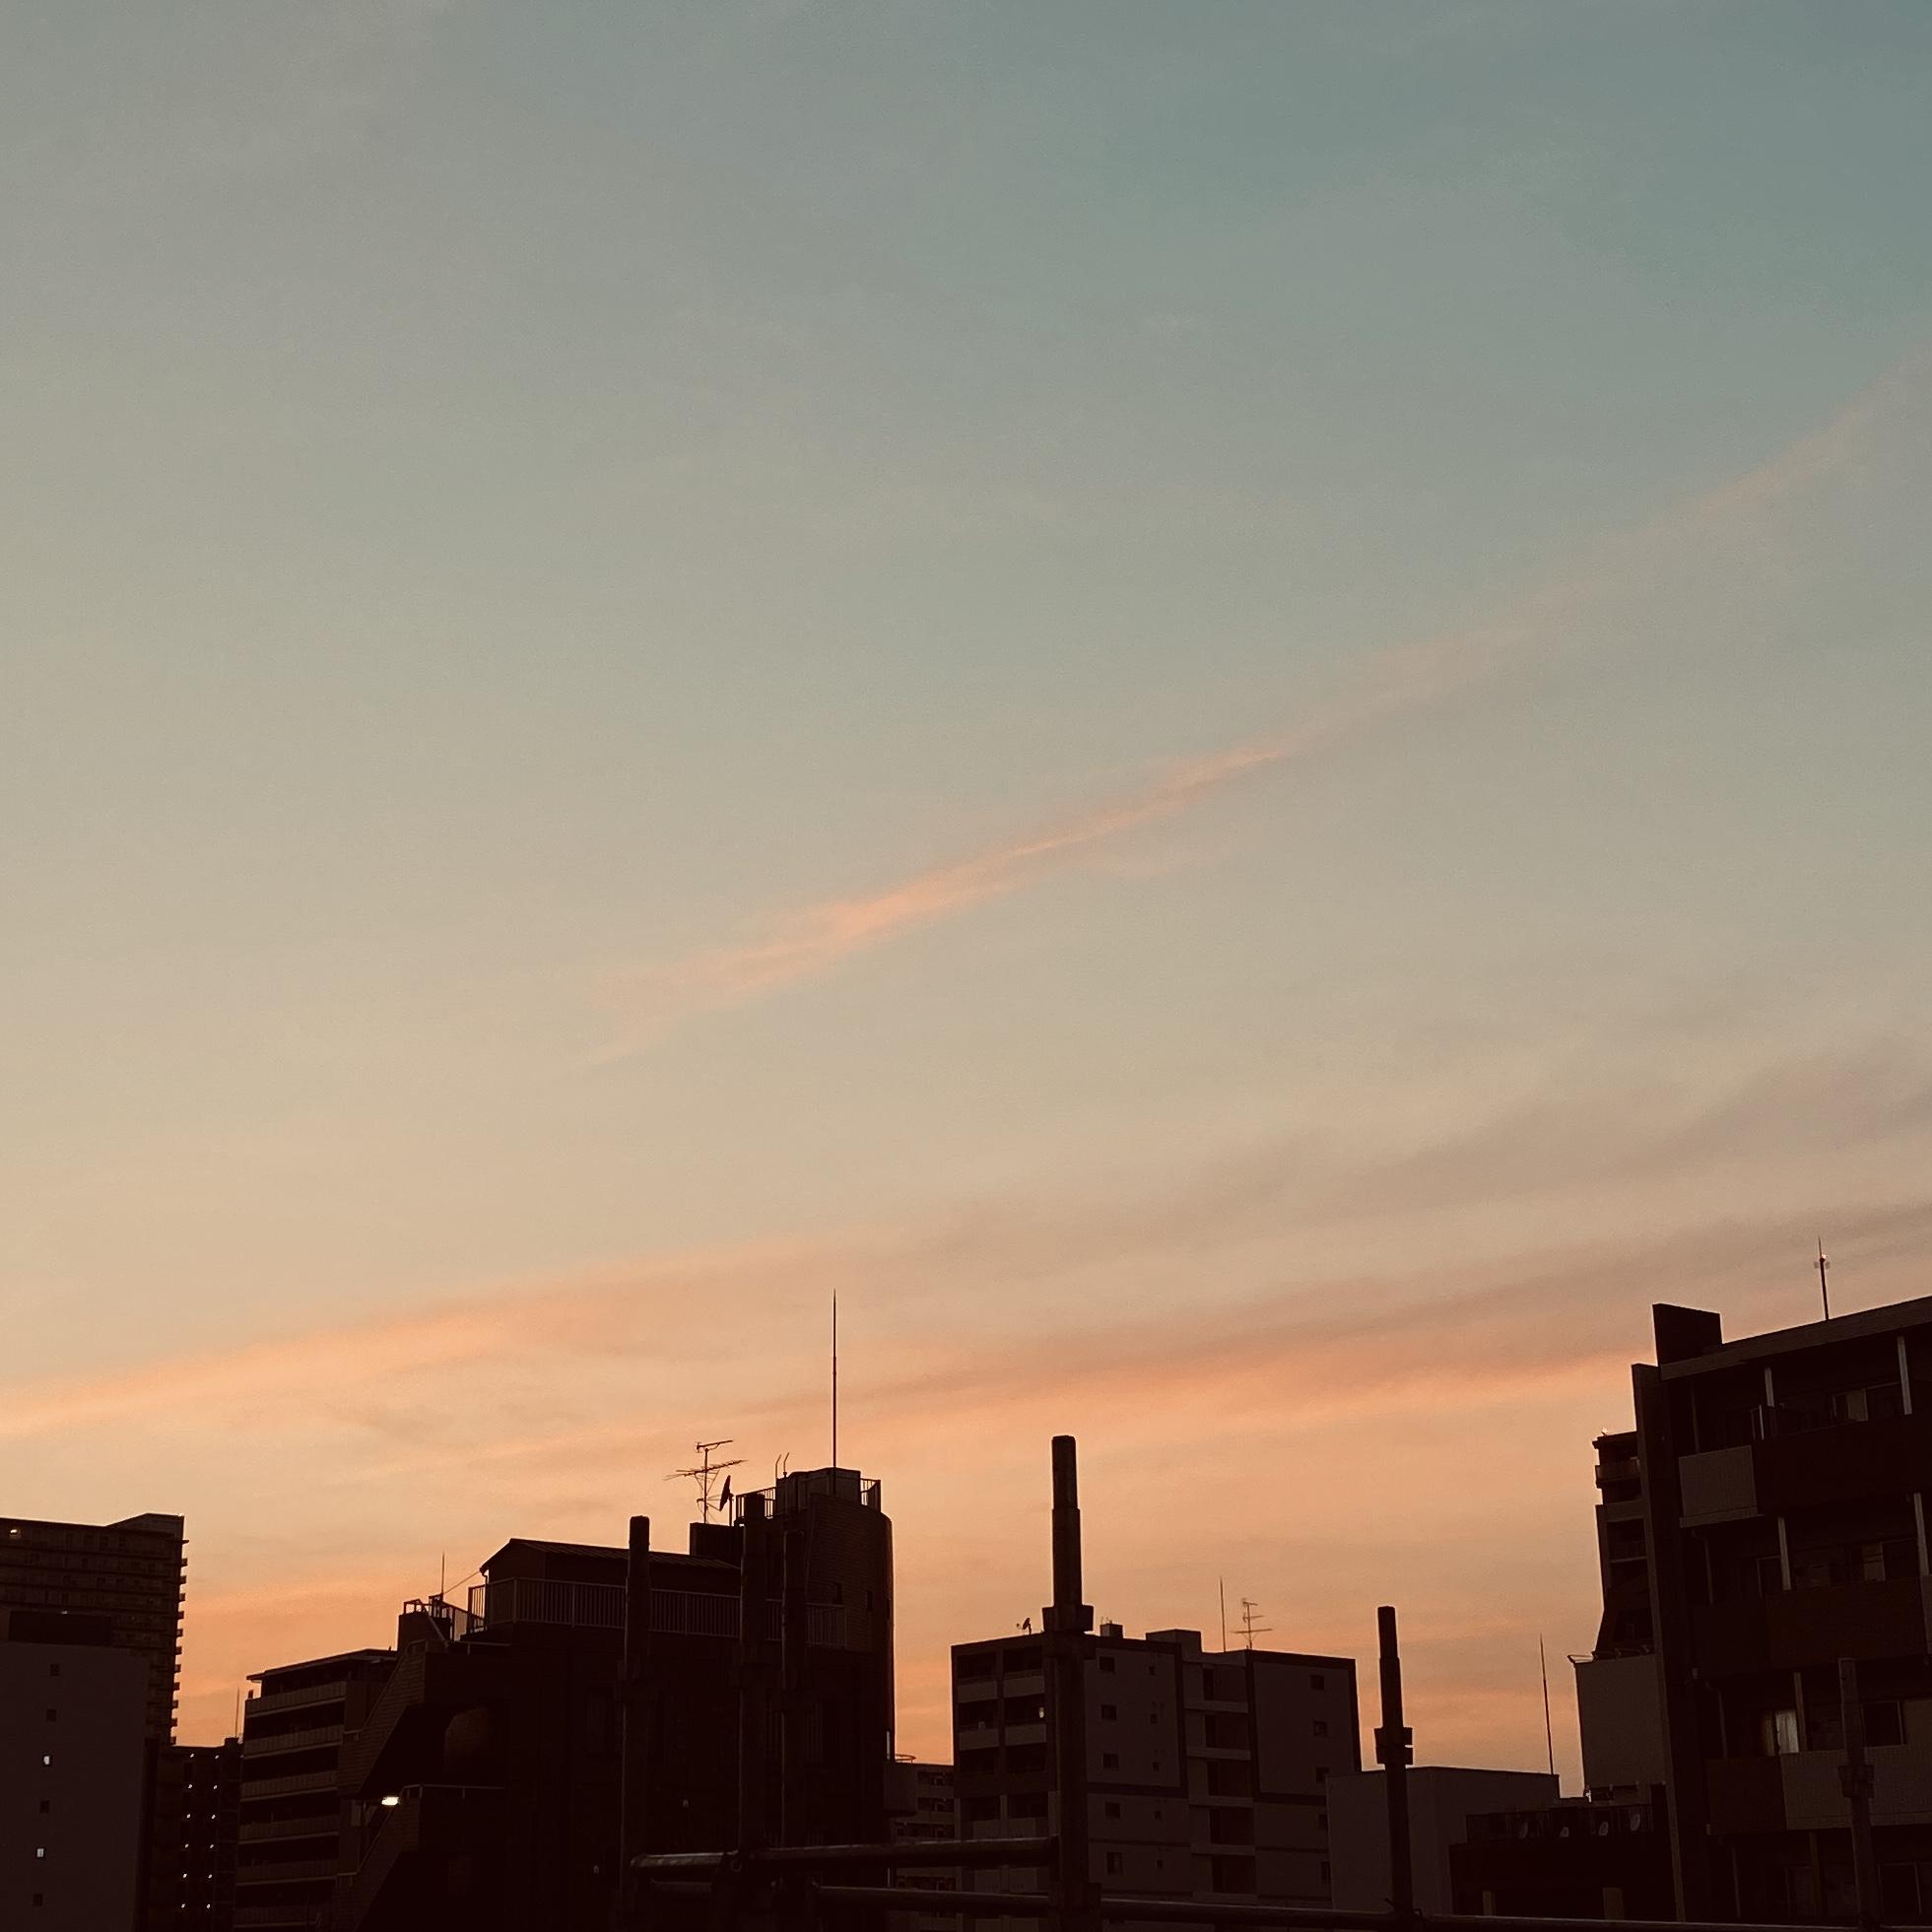 夕刻、夕暮れ、夕焼け空